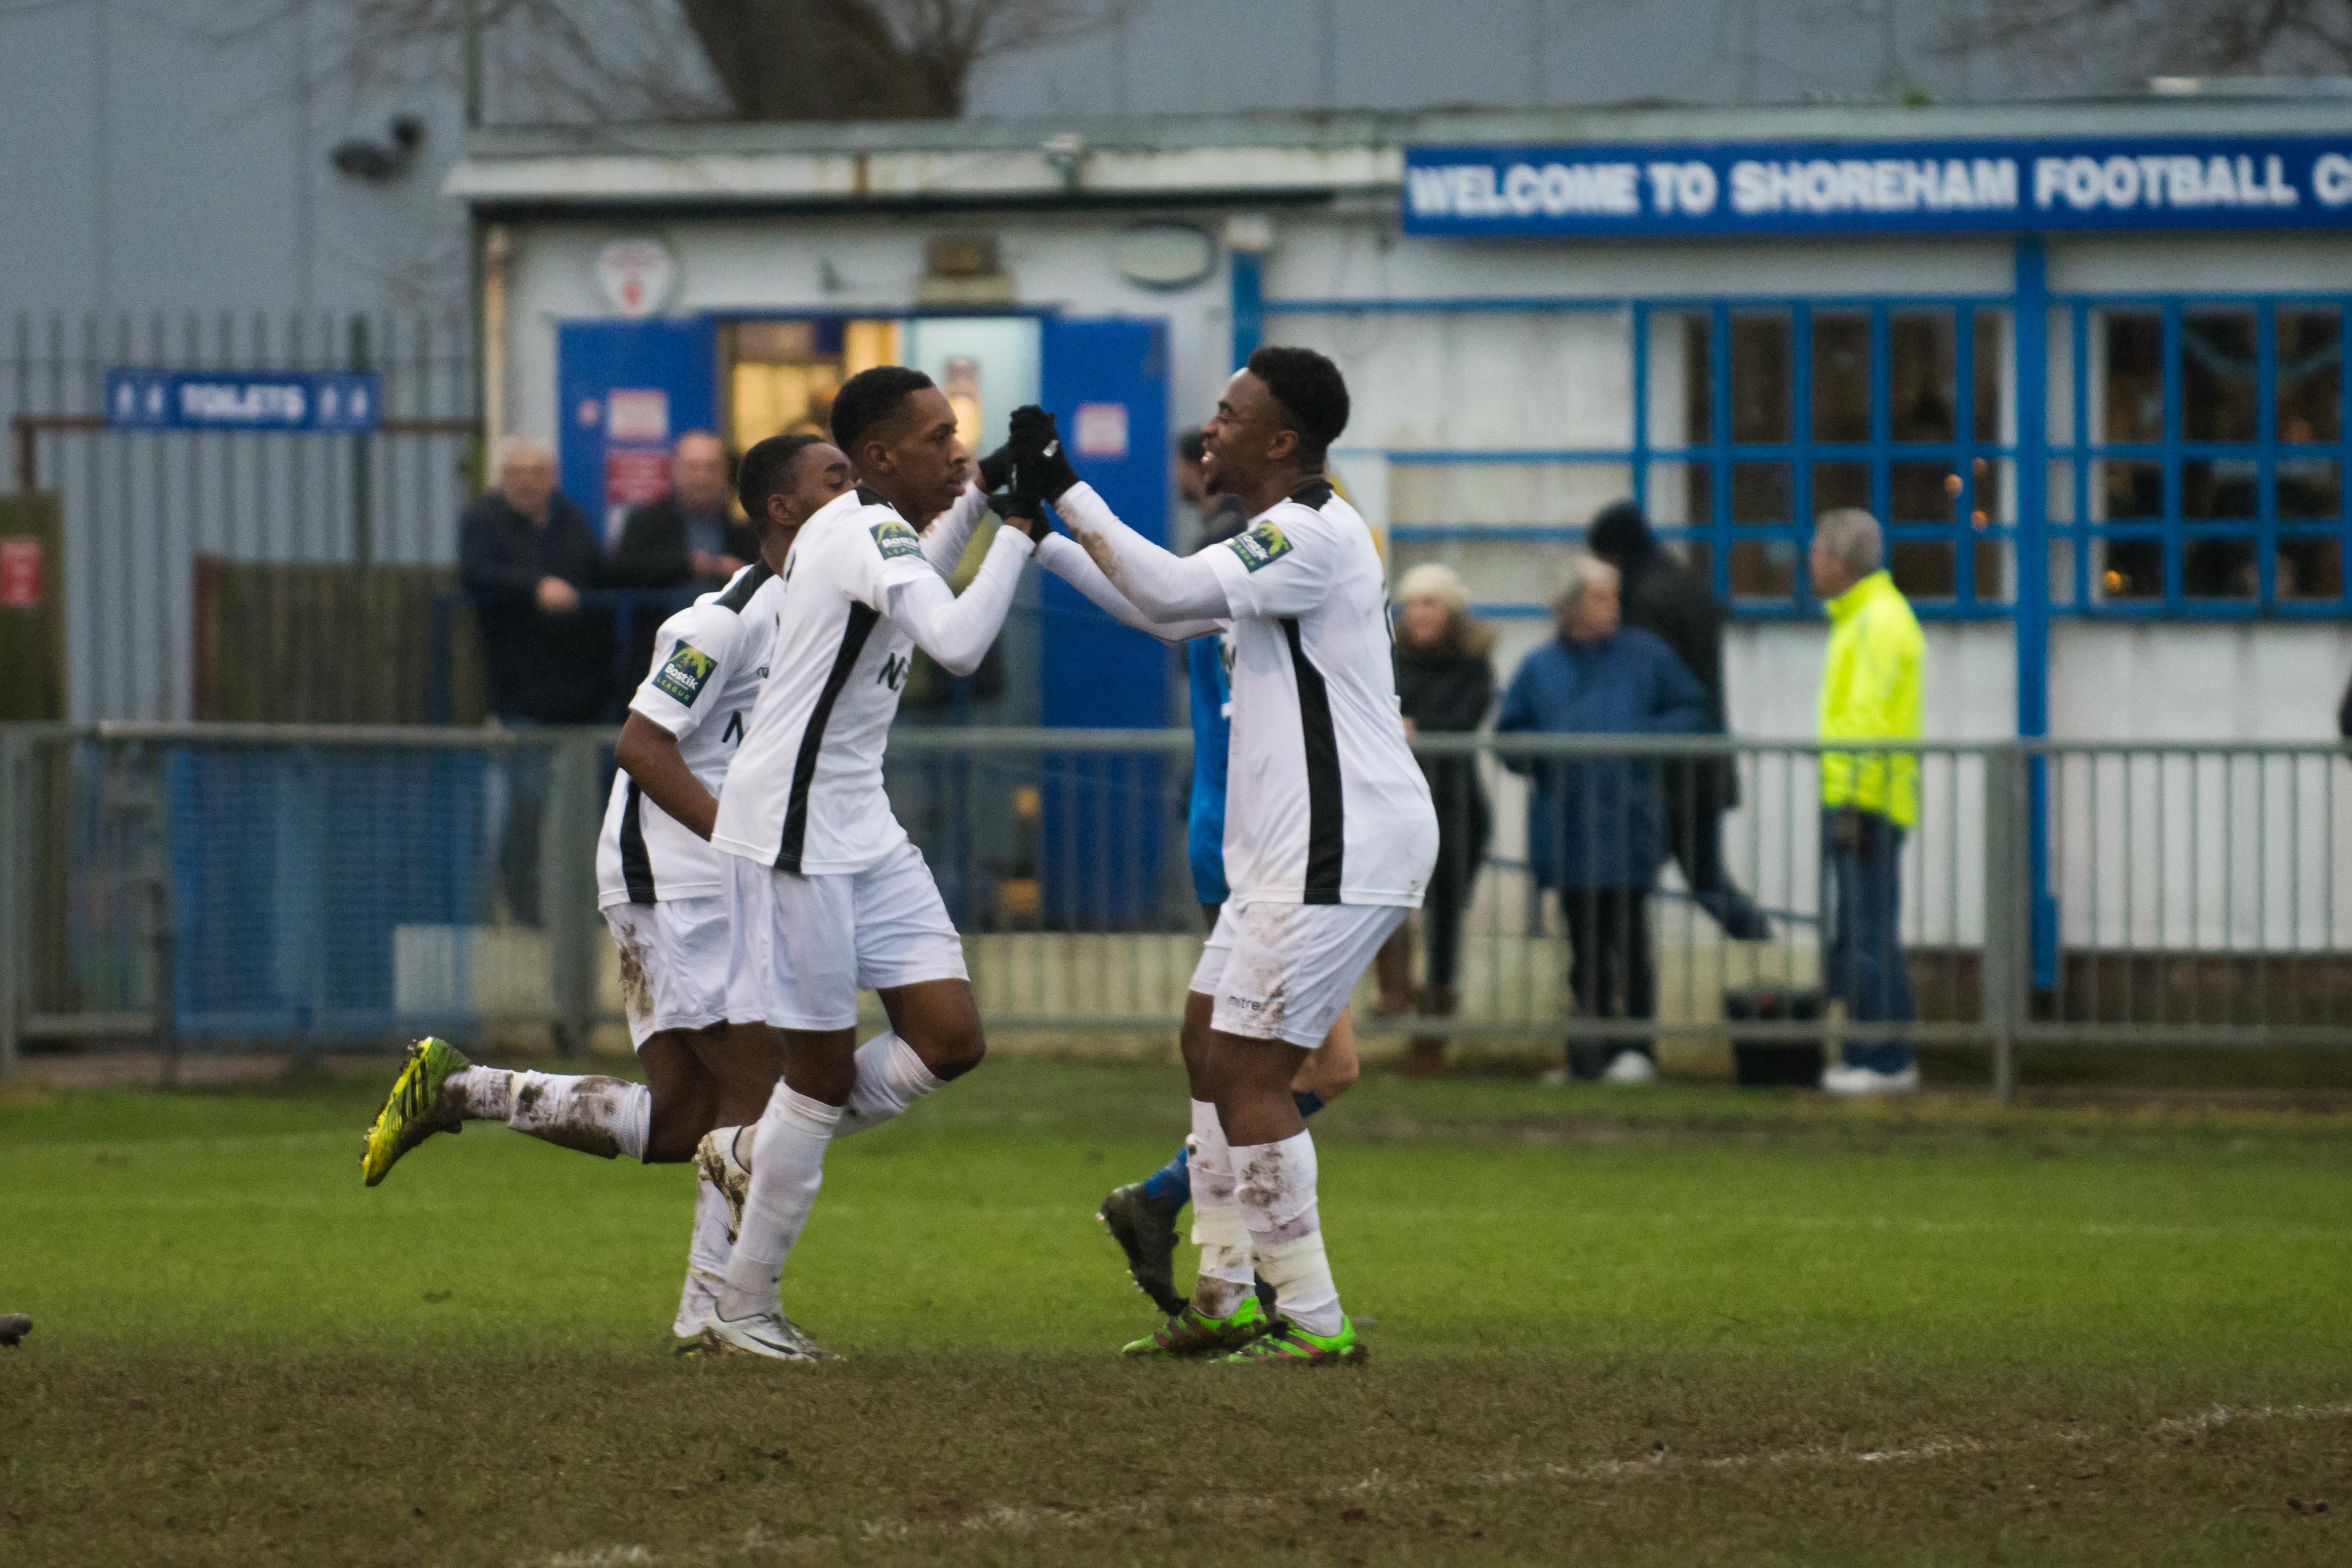 Shoreham FC vs Carshalton Ath 23.12.17 79